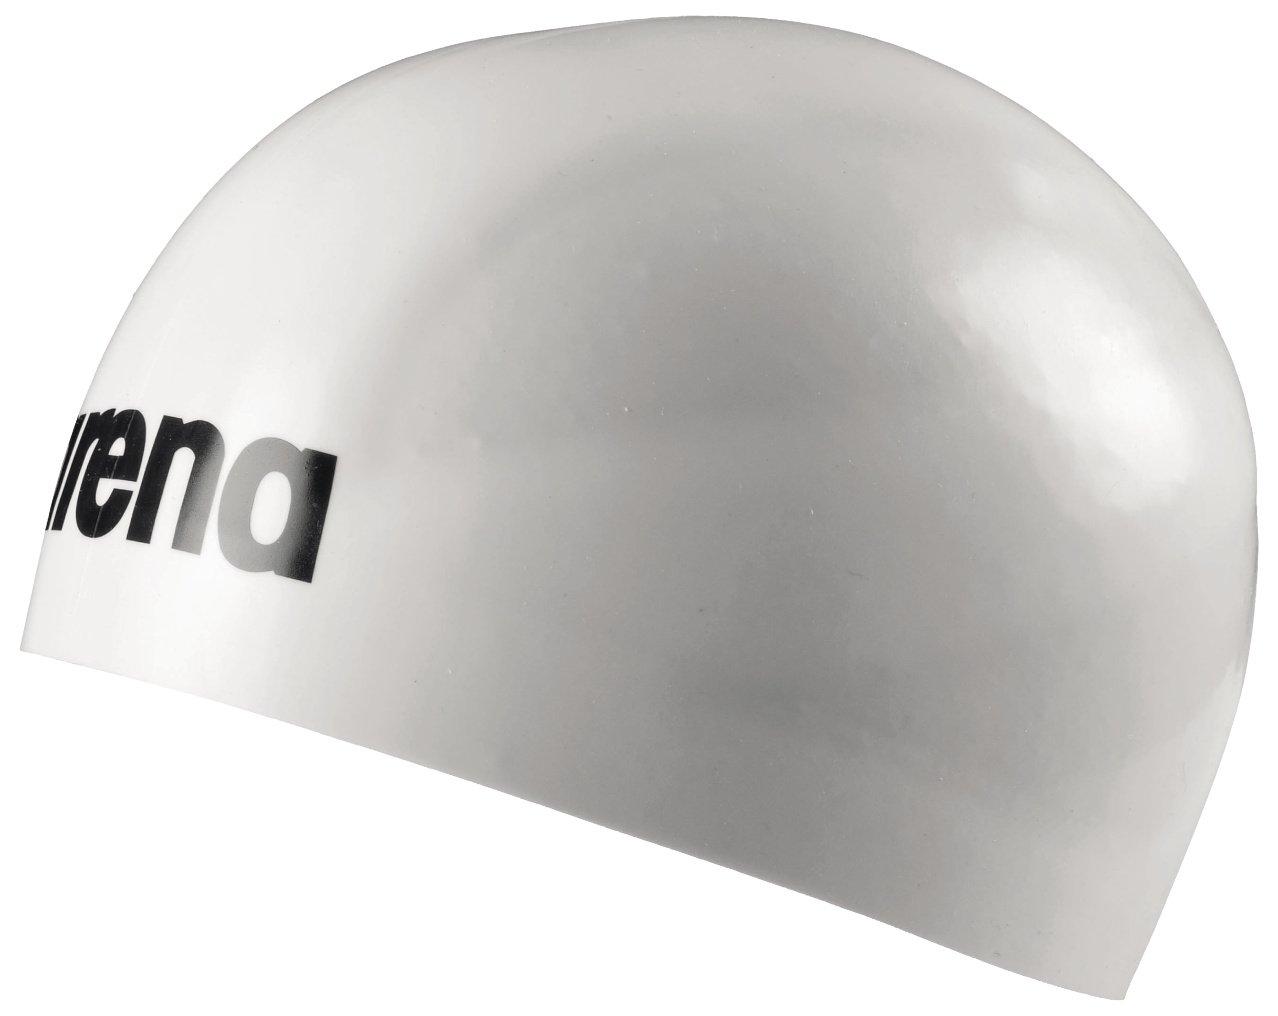 arena 3D Ultra Cap fuchsia-black 2019 Badekappe schwarz Weitere Wassersportarten